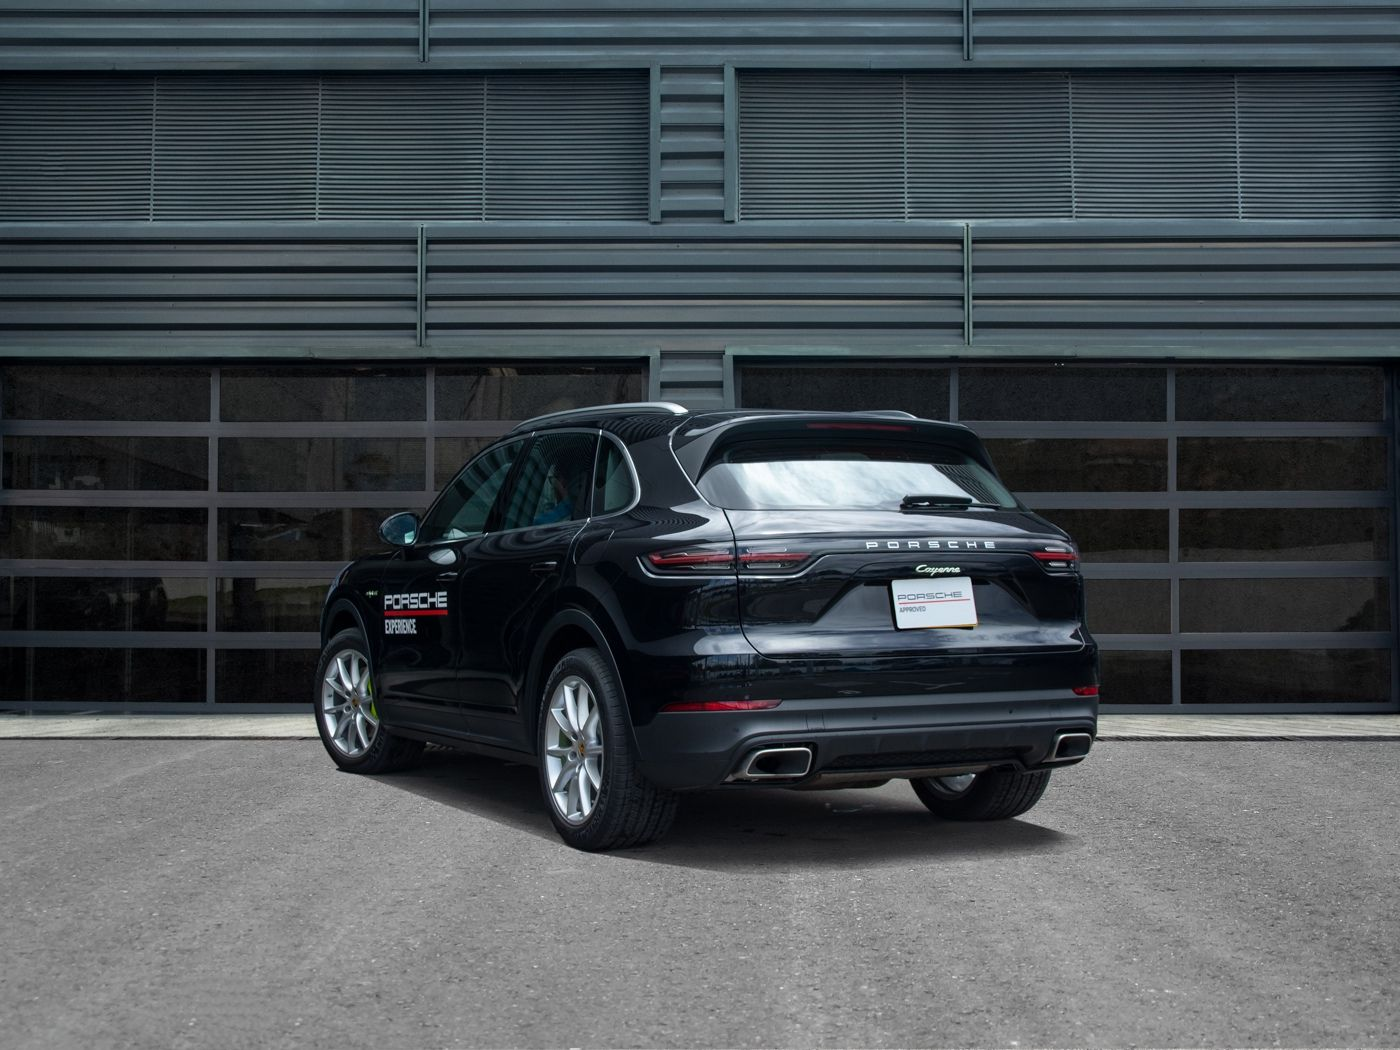 2020 Porsche Cayenne E-hybrid – 3